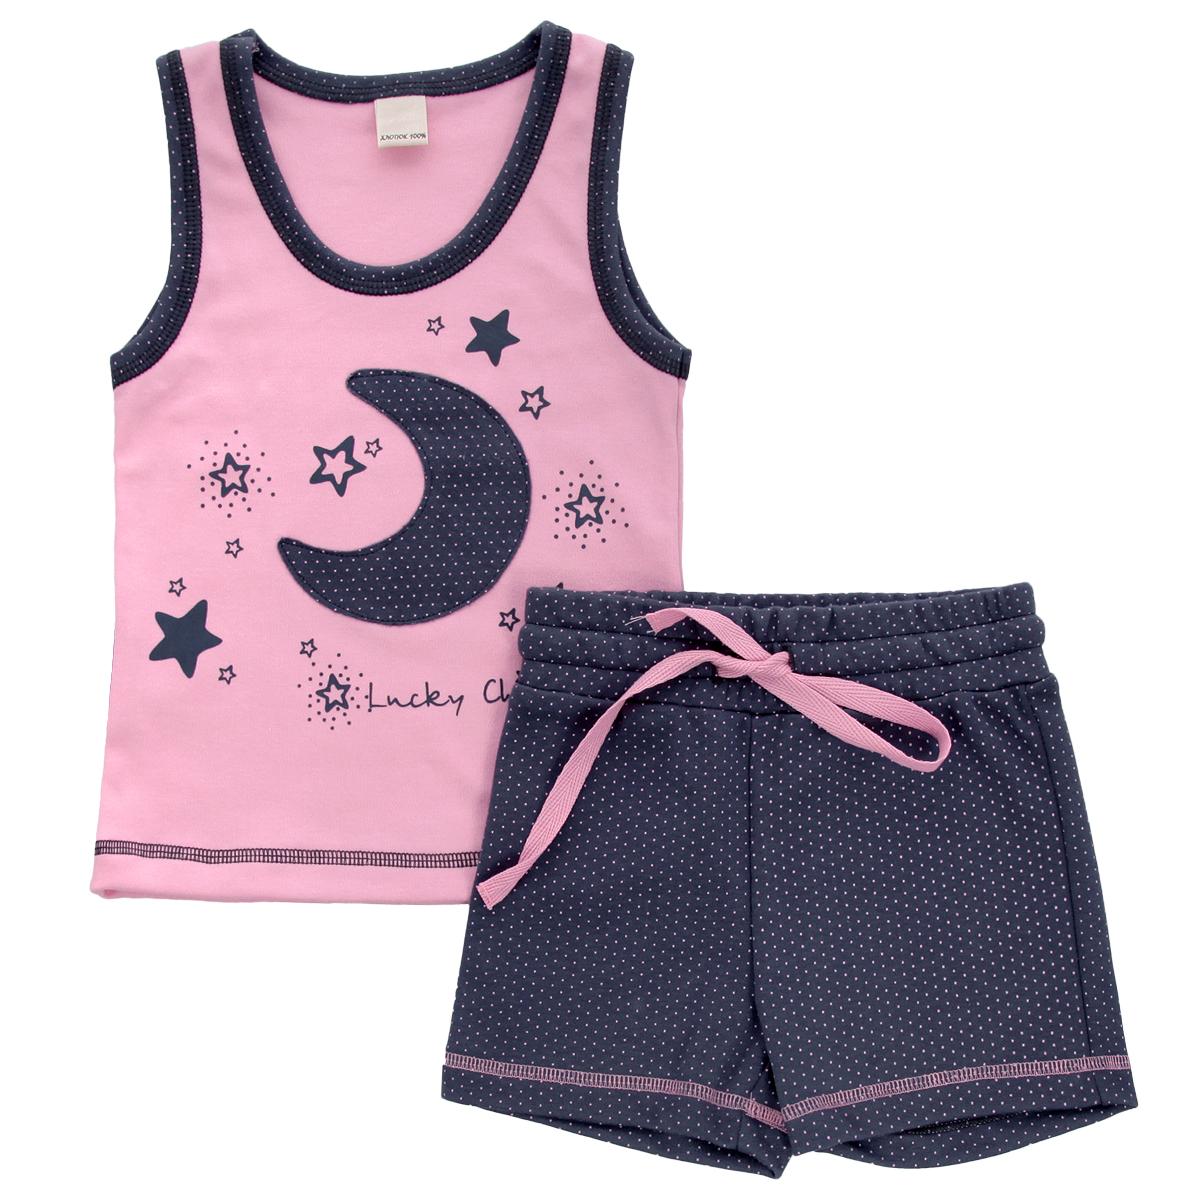 Комплект одежды12-411Комплект для девочки Lucky Child, состоящий из майки и шорт, идеально подойдет вашей дочурке. Изготовленный из натурального хлопка - интерлока, он необычайно мягкий и приятный на ощупь, не сковывает движения и позволяет коже дышать, не раздражает даже самую нежную и чувствительную кожу ребенка, обеспечивая ему наибольший комфорт. Майка с круглым вырезом горловины оформлена спереди оригинальной аппликацией в виде месяца, а также принтом с изображением звездочек и названием бренда. Горловина и пройма рукавов оформлены гороховым принтом. Низ изделия оформлен контрастной фигурной прострочкой. Шортики на талии имеют широкую эластичную резинку со шнурком, благодаря чему они не сдавливают живот ребенка и не сползают. Оформлено изделие мелким гороховым принтом и контрастной прострочкой. Оригинальный дизайн и расцветка делают этот комплект незаменимым предметом детского гардероба. В нем вашей маленькой моднице будет комфортно и уютно, и она всегда будет в центре внимания!